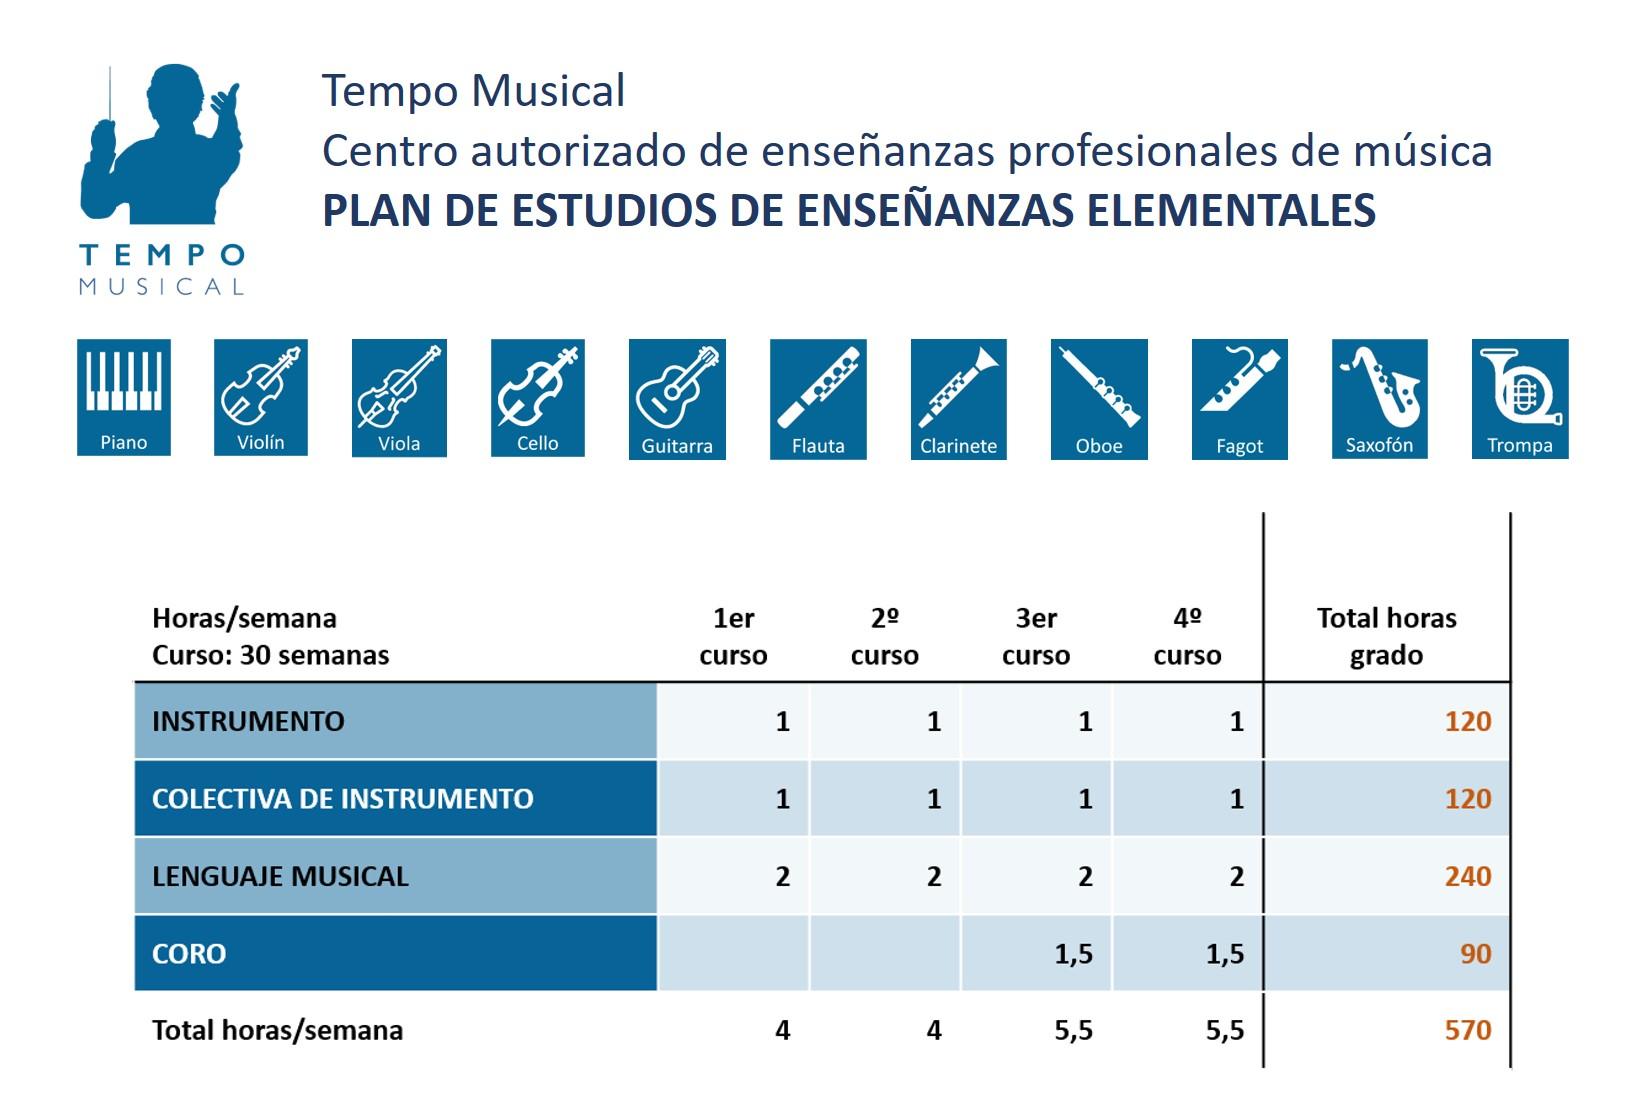 Plan-de-estudios-enseñanzas-elementales